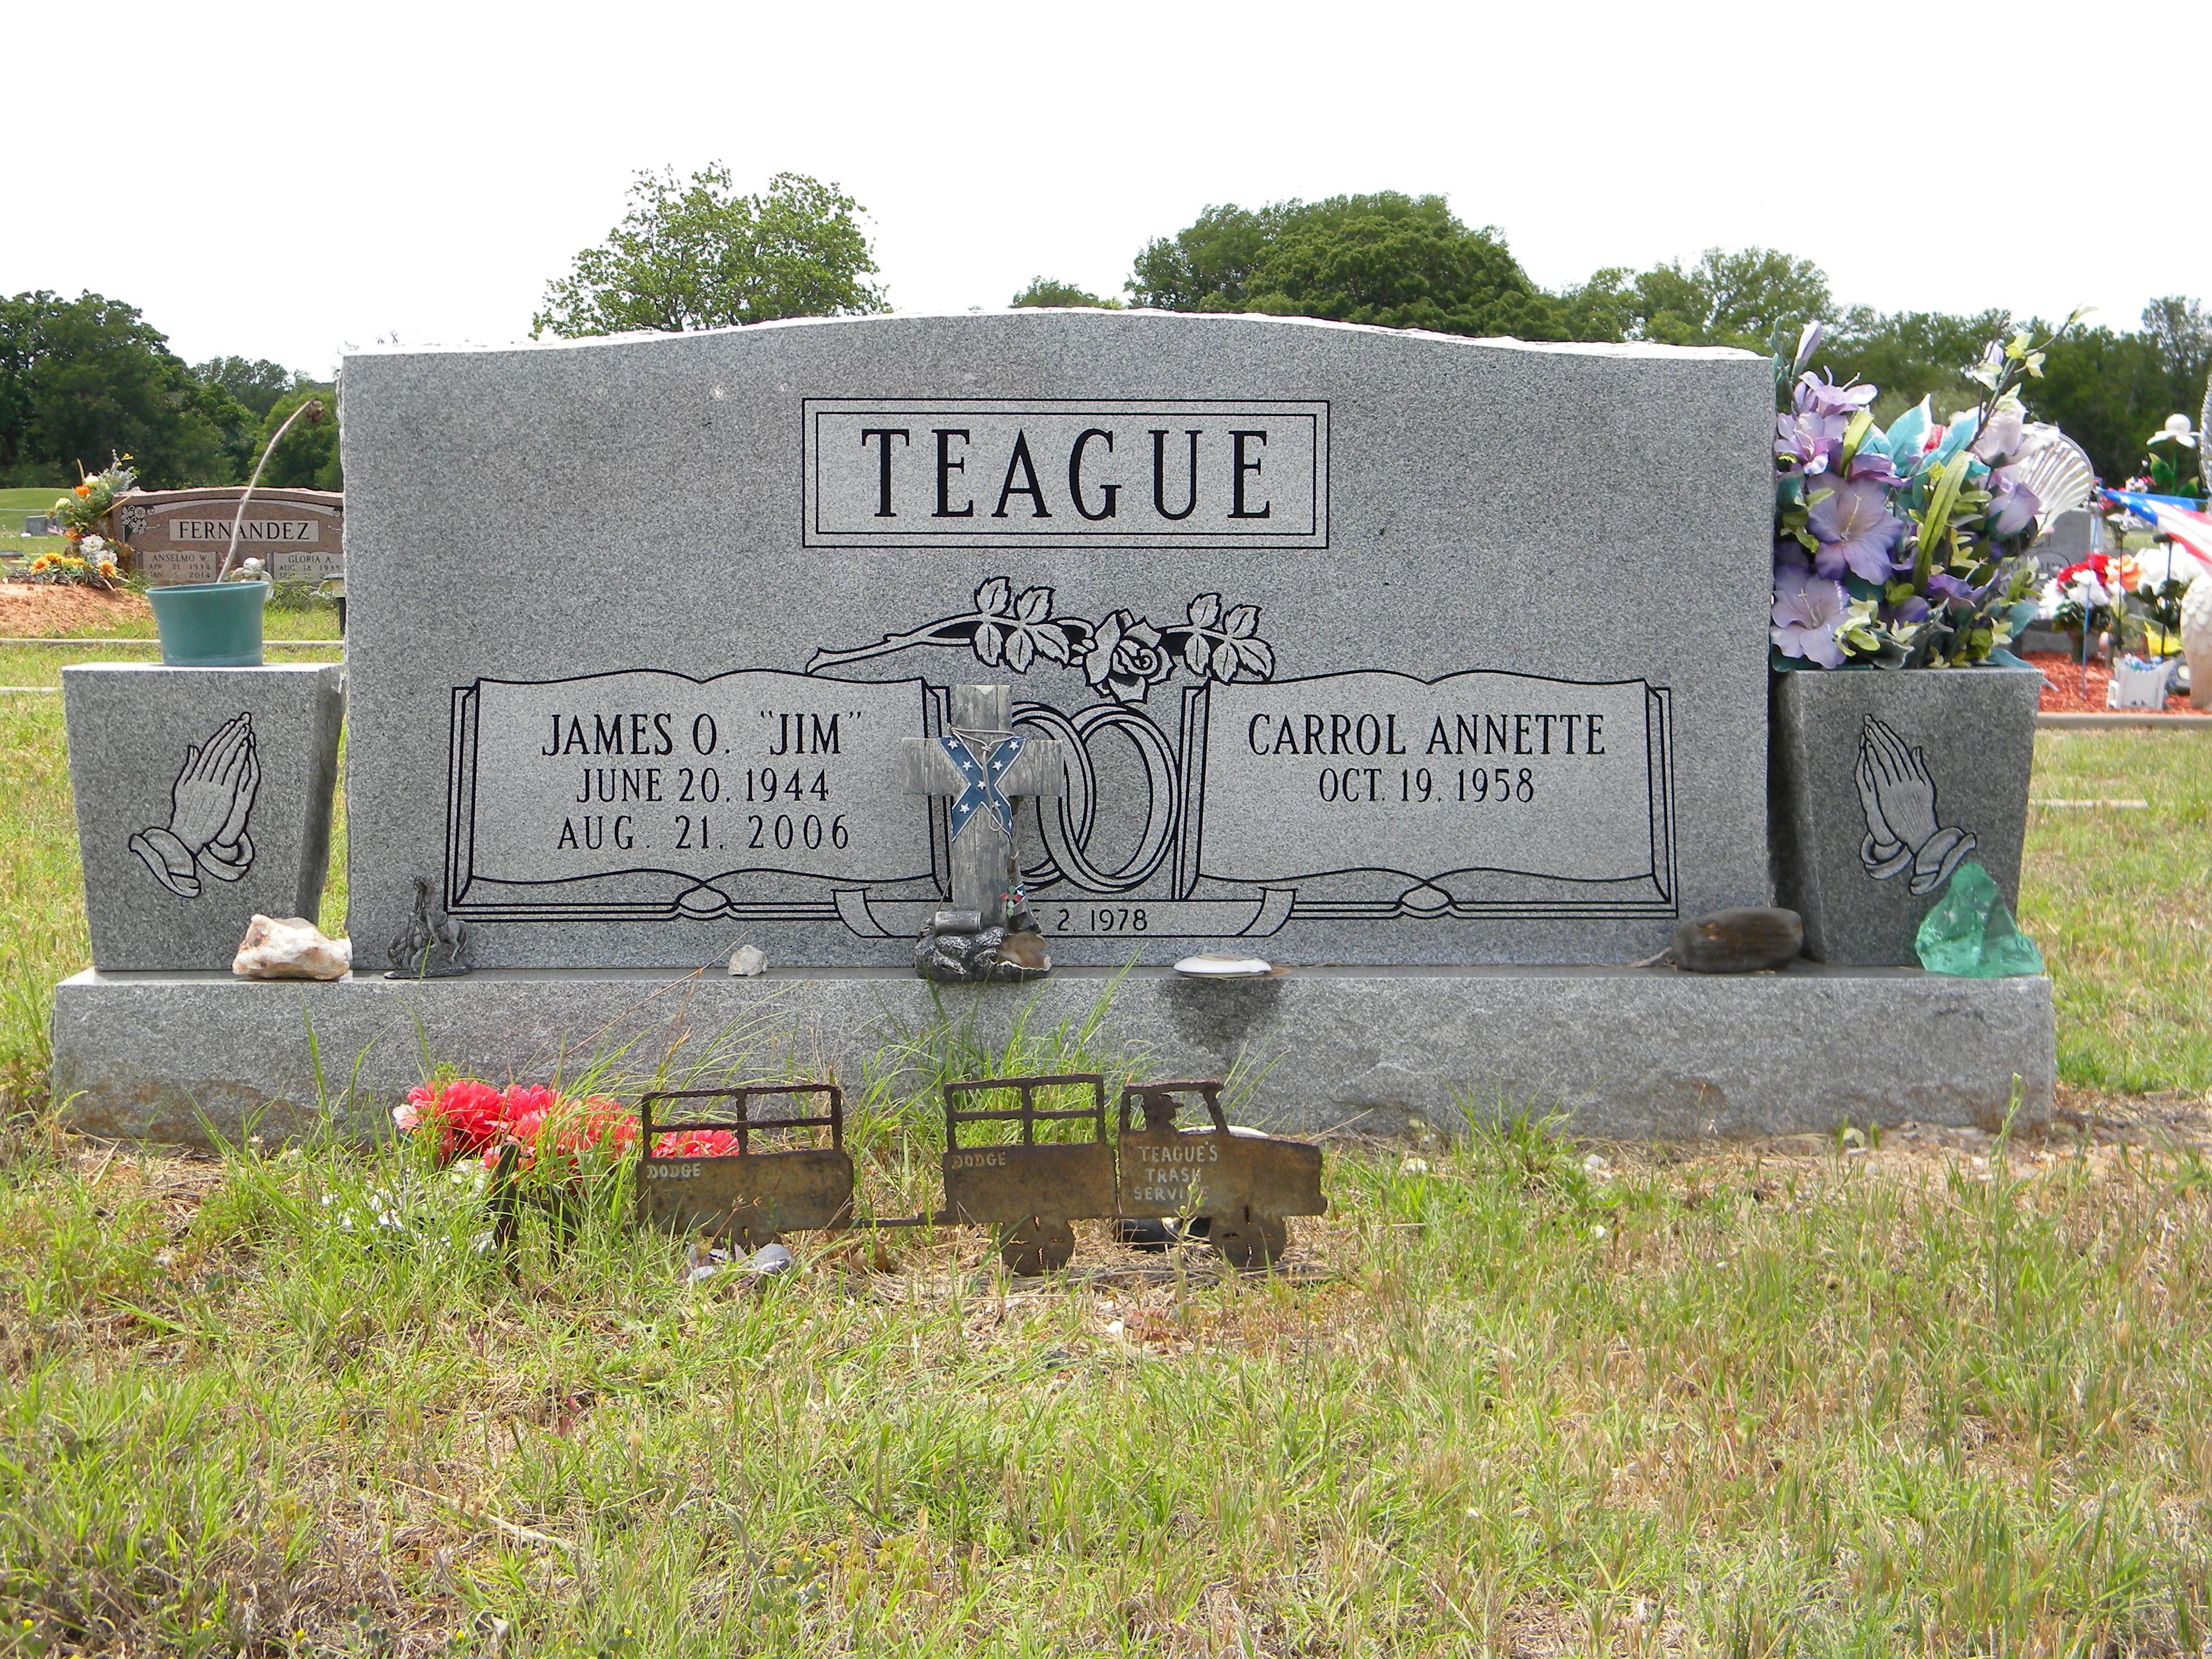 James Oliver Jim Teague